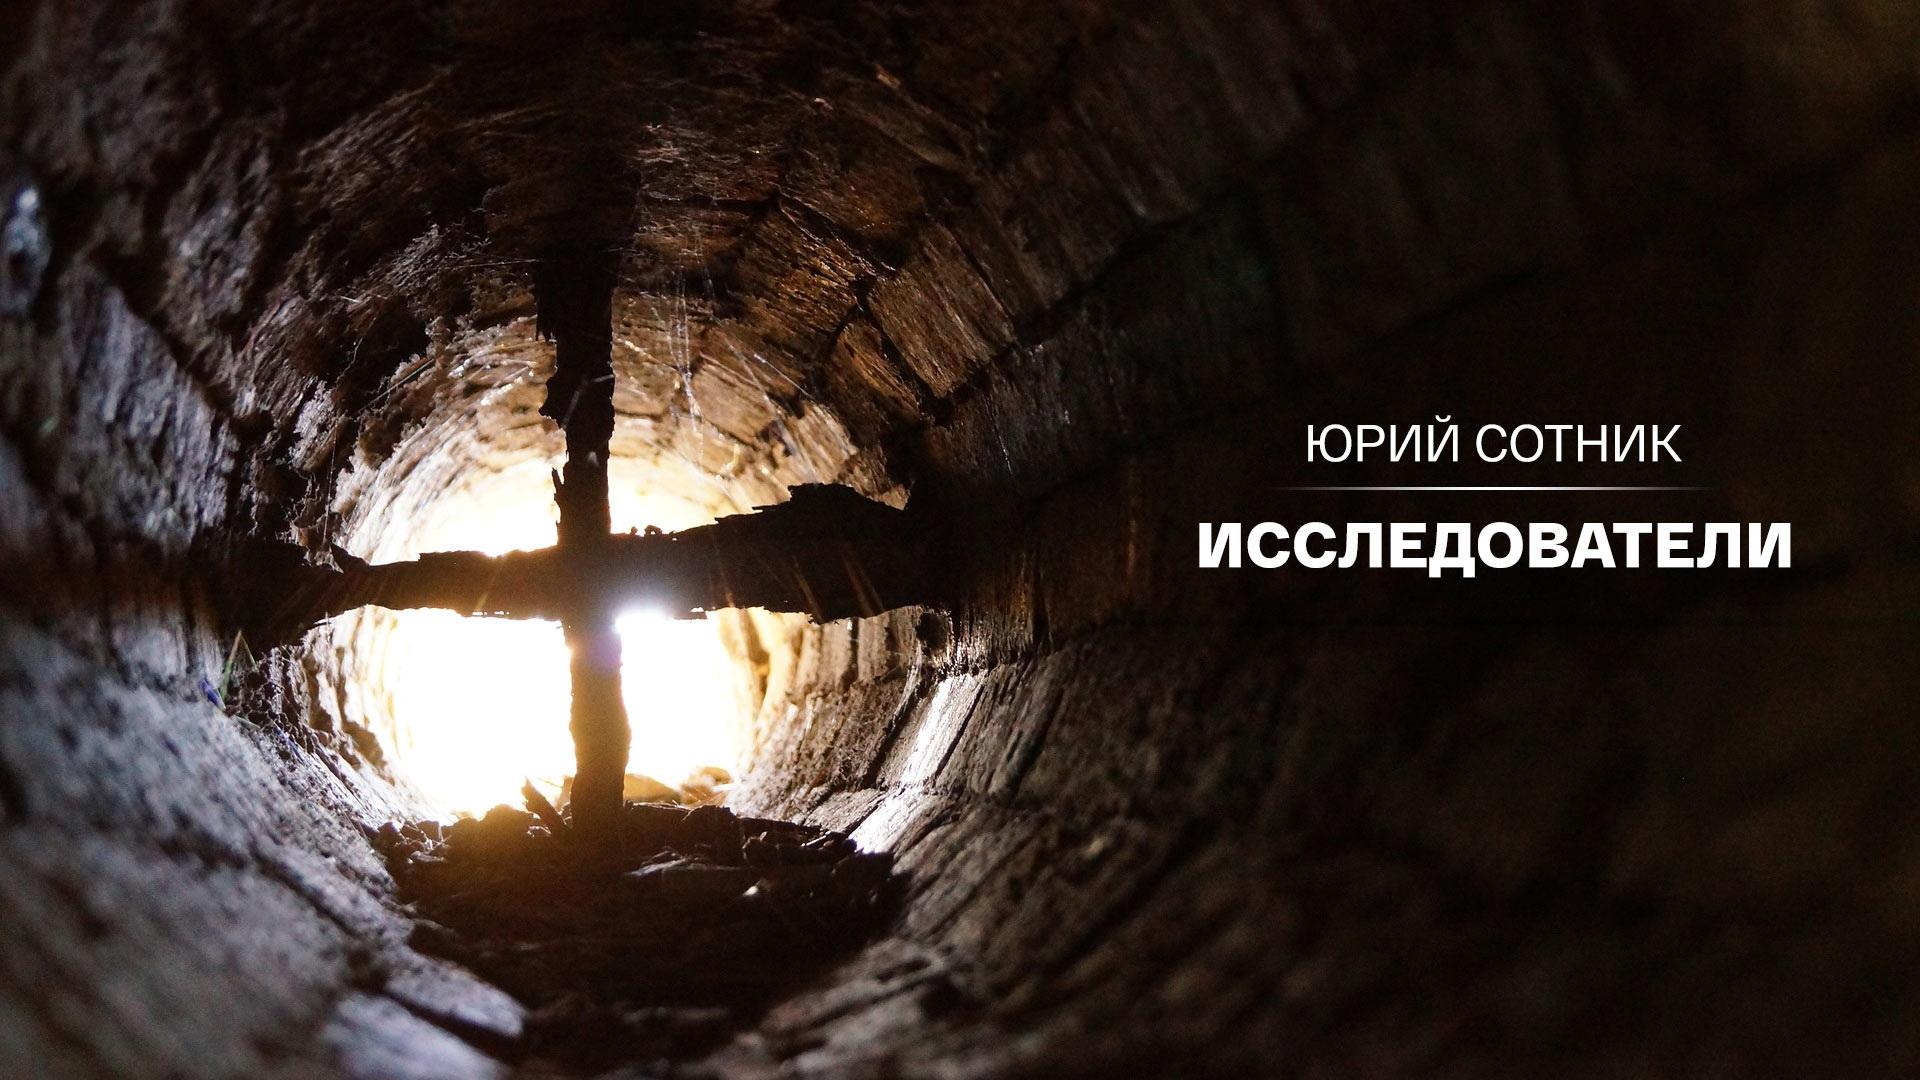 Юрий Сотник. Исследователи